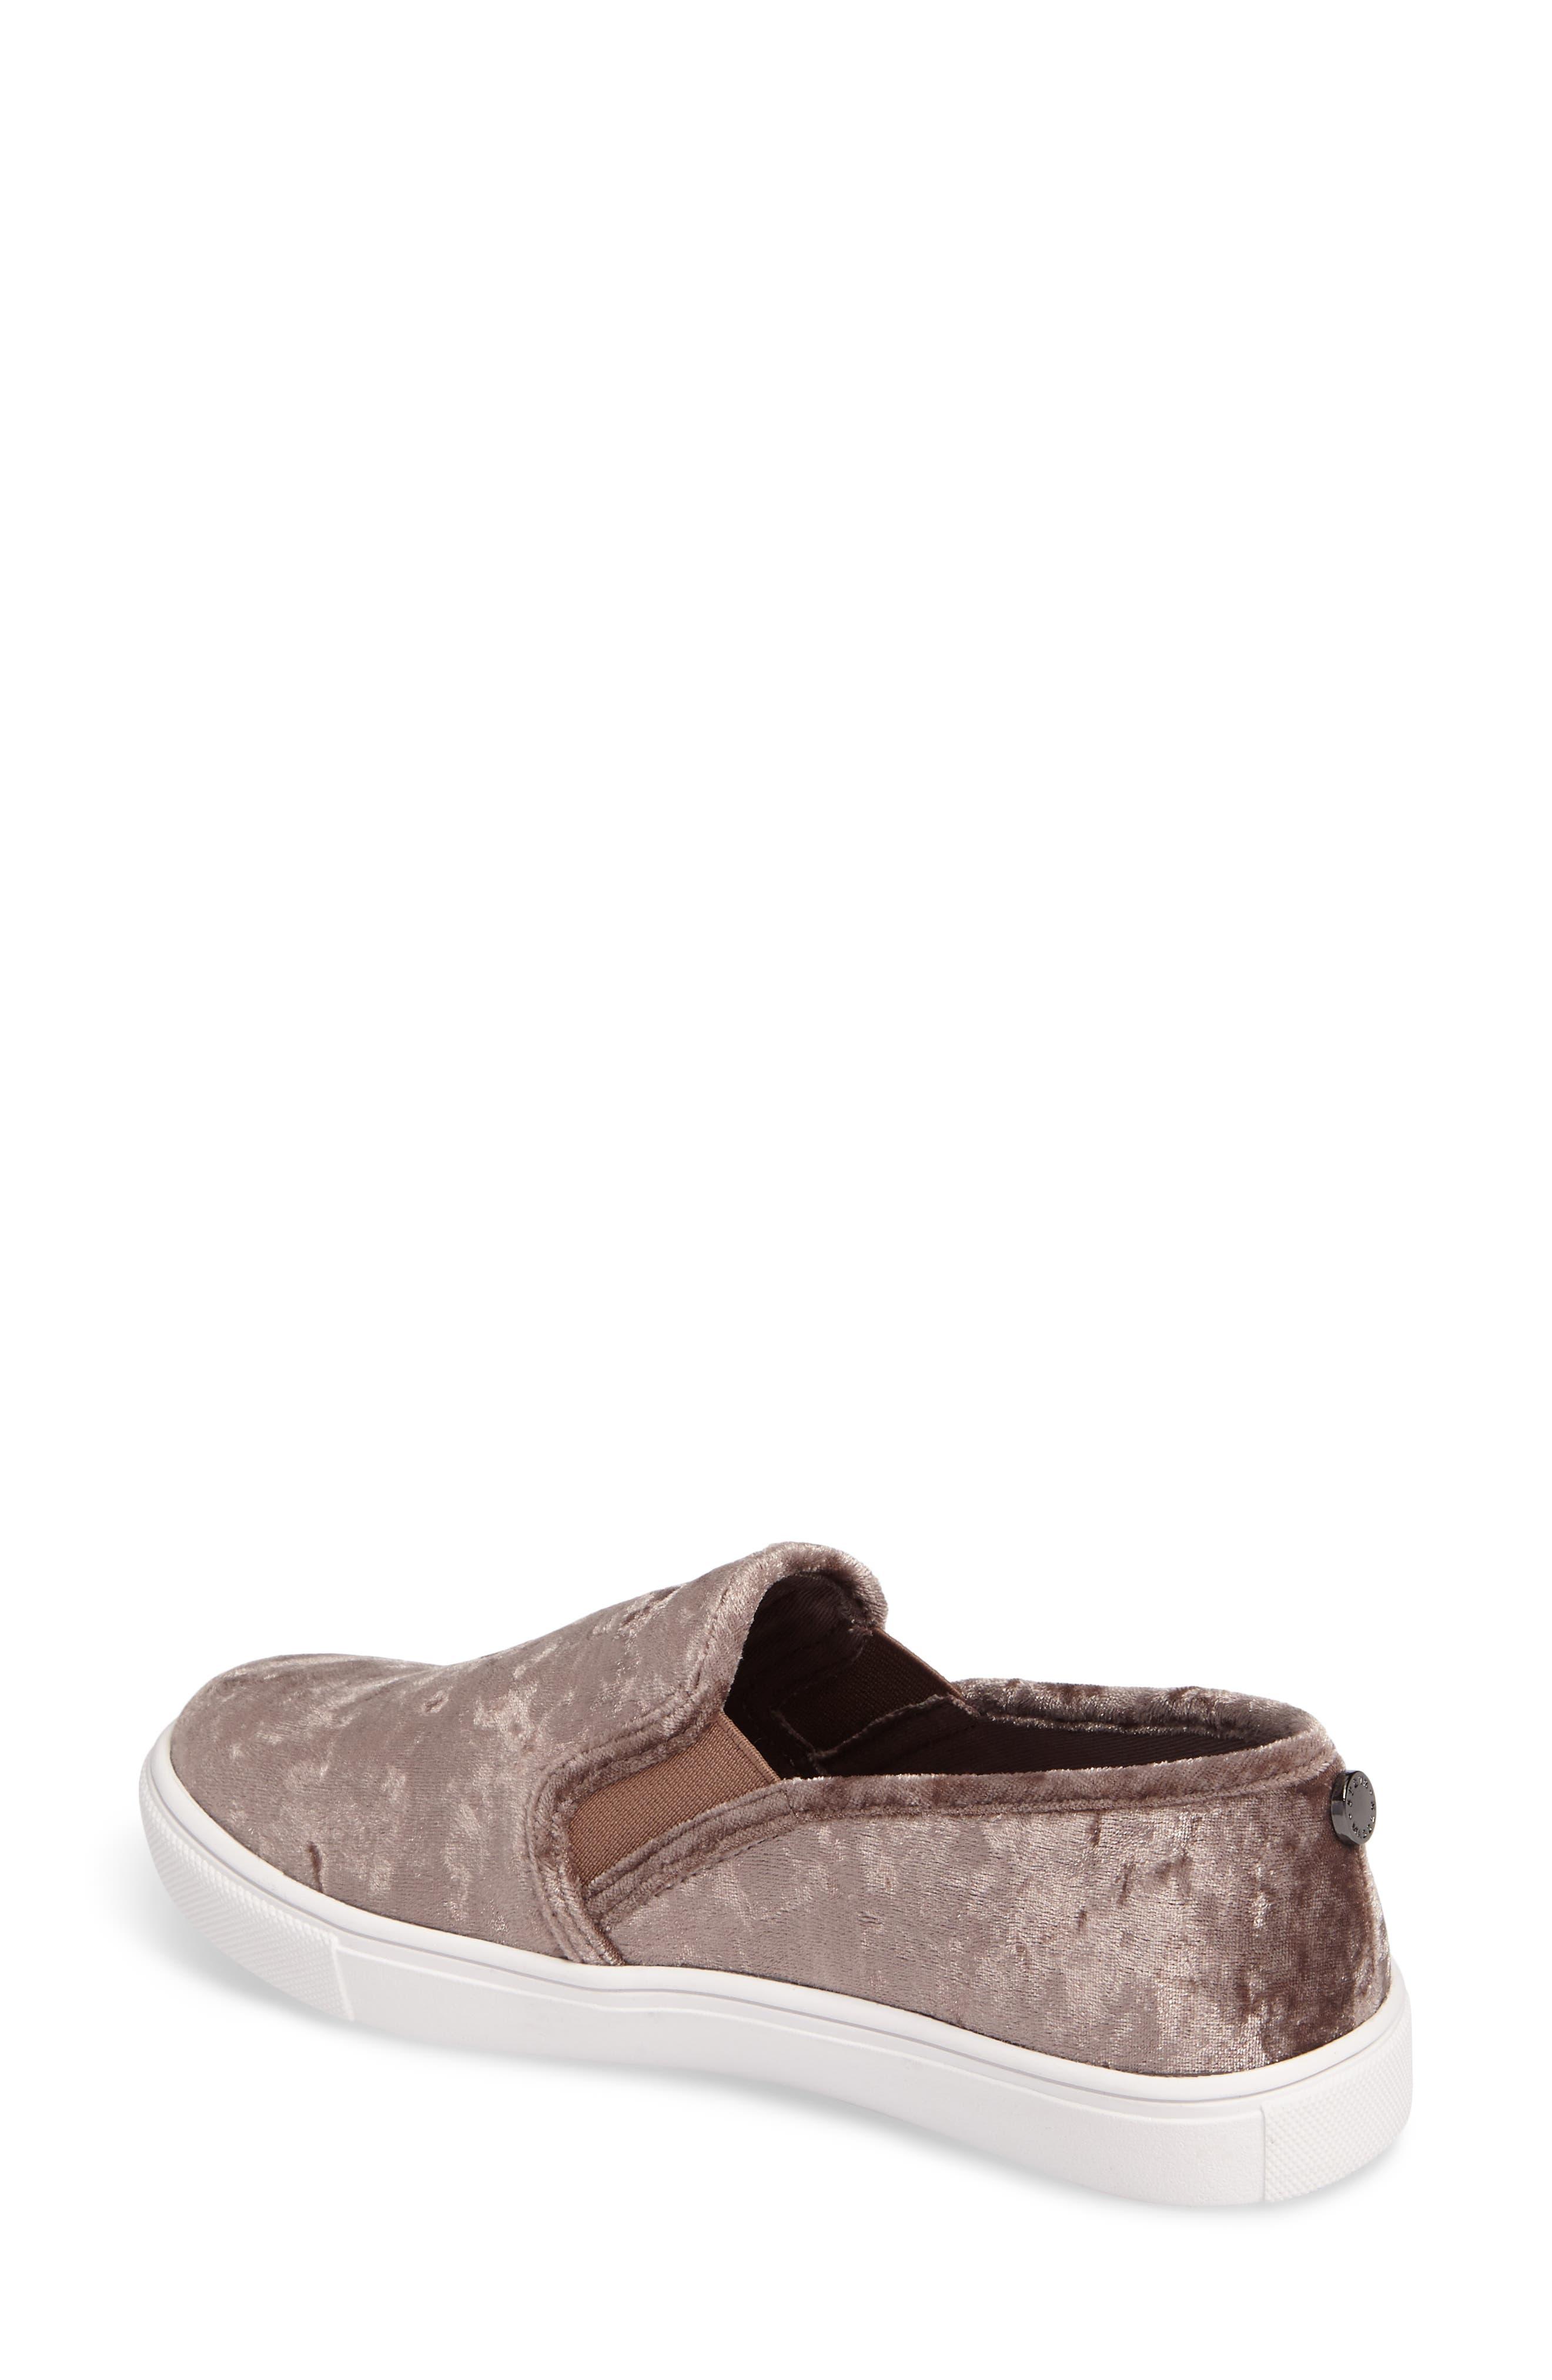 Ecntrcv Slip-On Sneaker,                             Alternate thumbnail 2, color,                             Mushroom Fabric